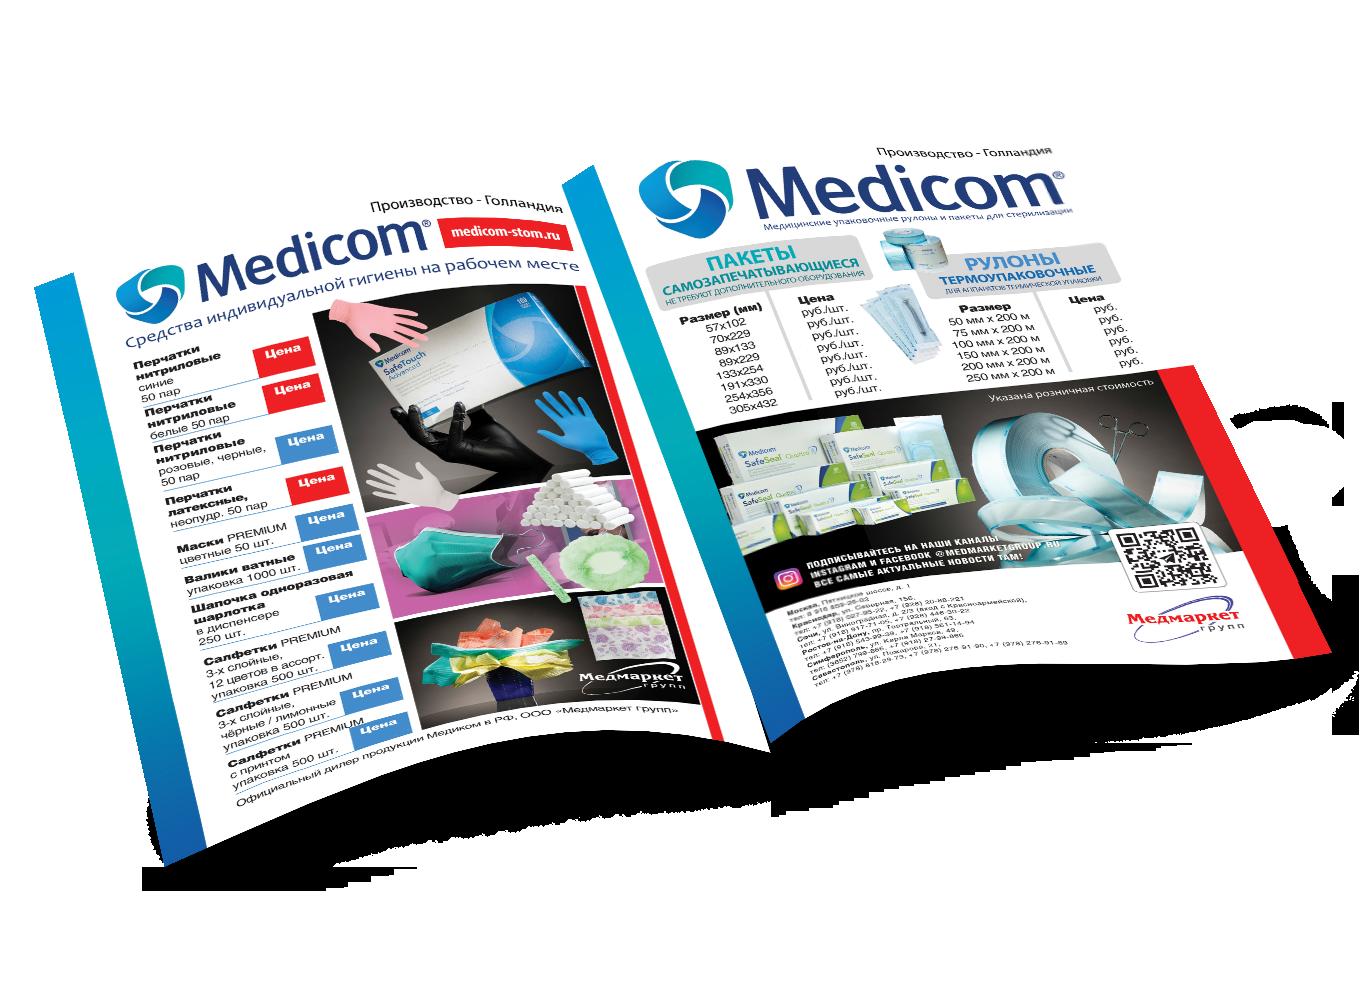 Прайс продукции Medicom от официального поставщика в РФ, компании ООО Медмаркет групп